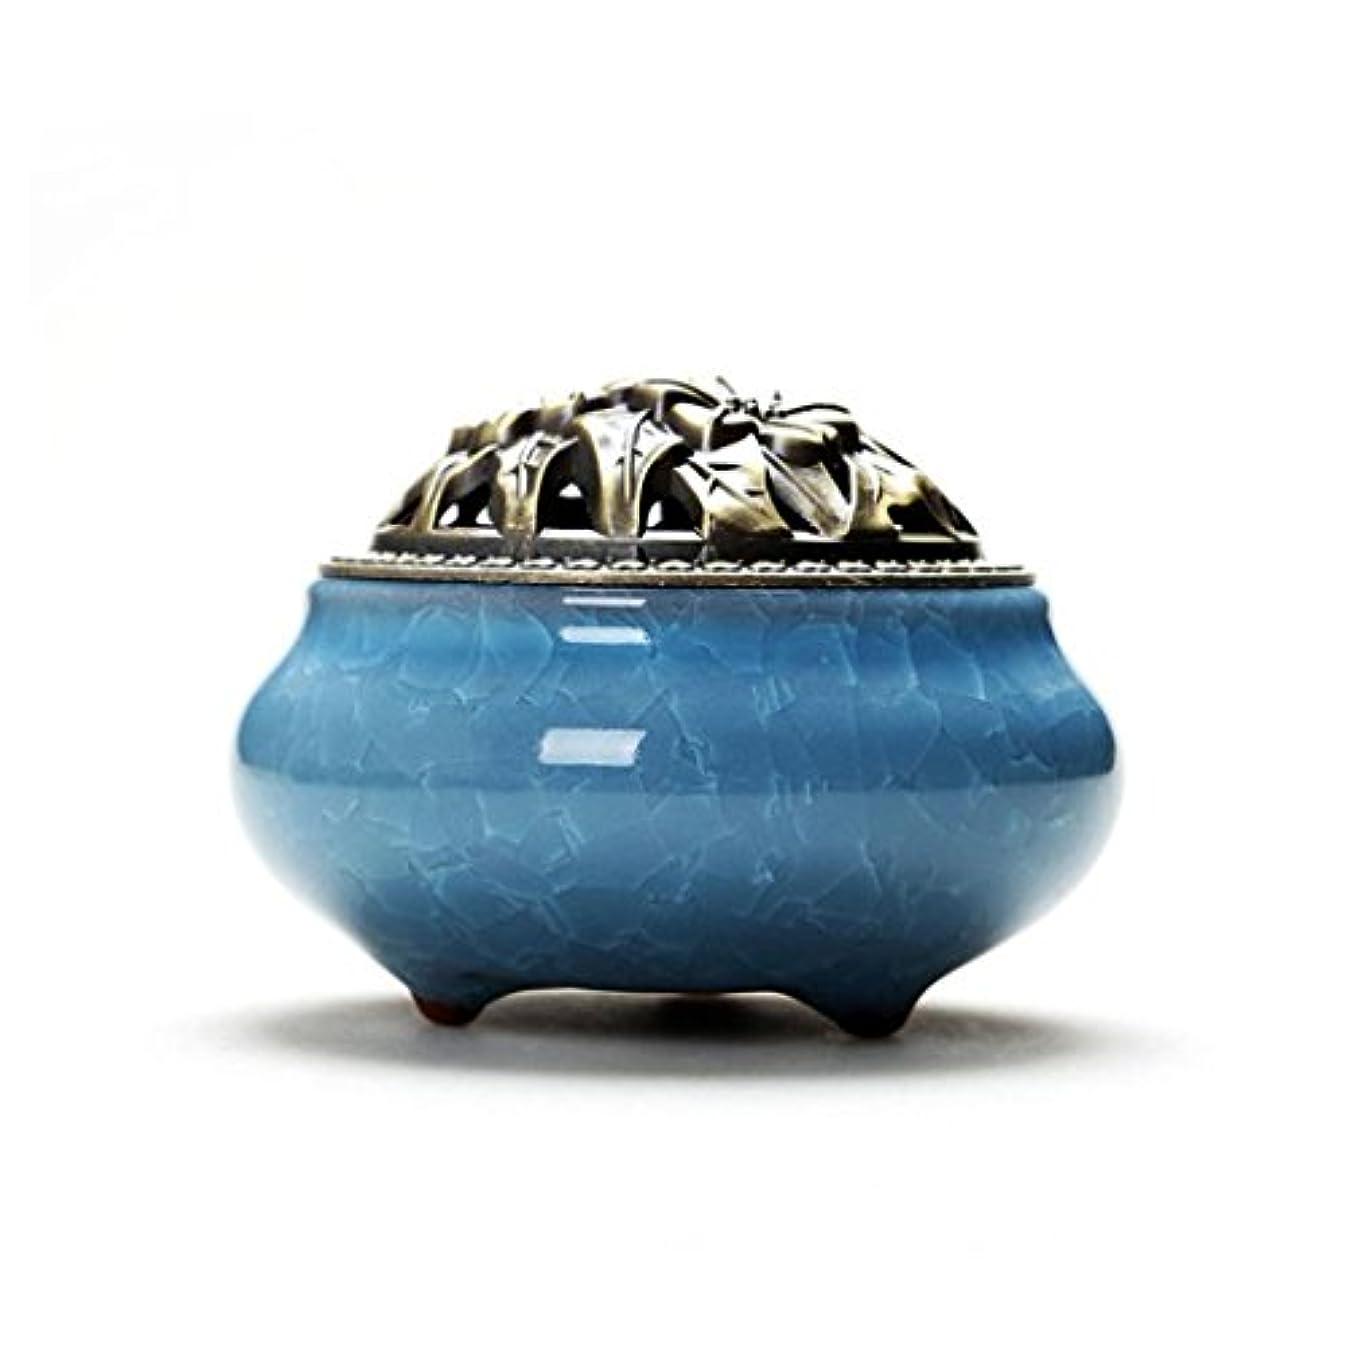 醜い指定それぞれAijoo 陶磁器 香炉 丸香炉 アロマ陶磁器 青磁 香立て付き アロマ アンティーク 渦巻き線香 アロマ などに 調選べる 9カラー